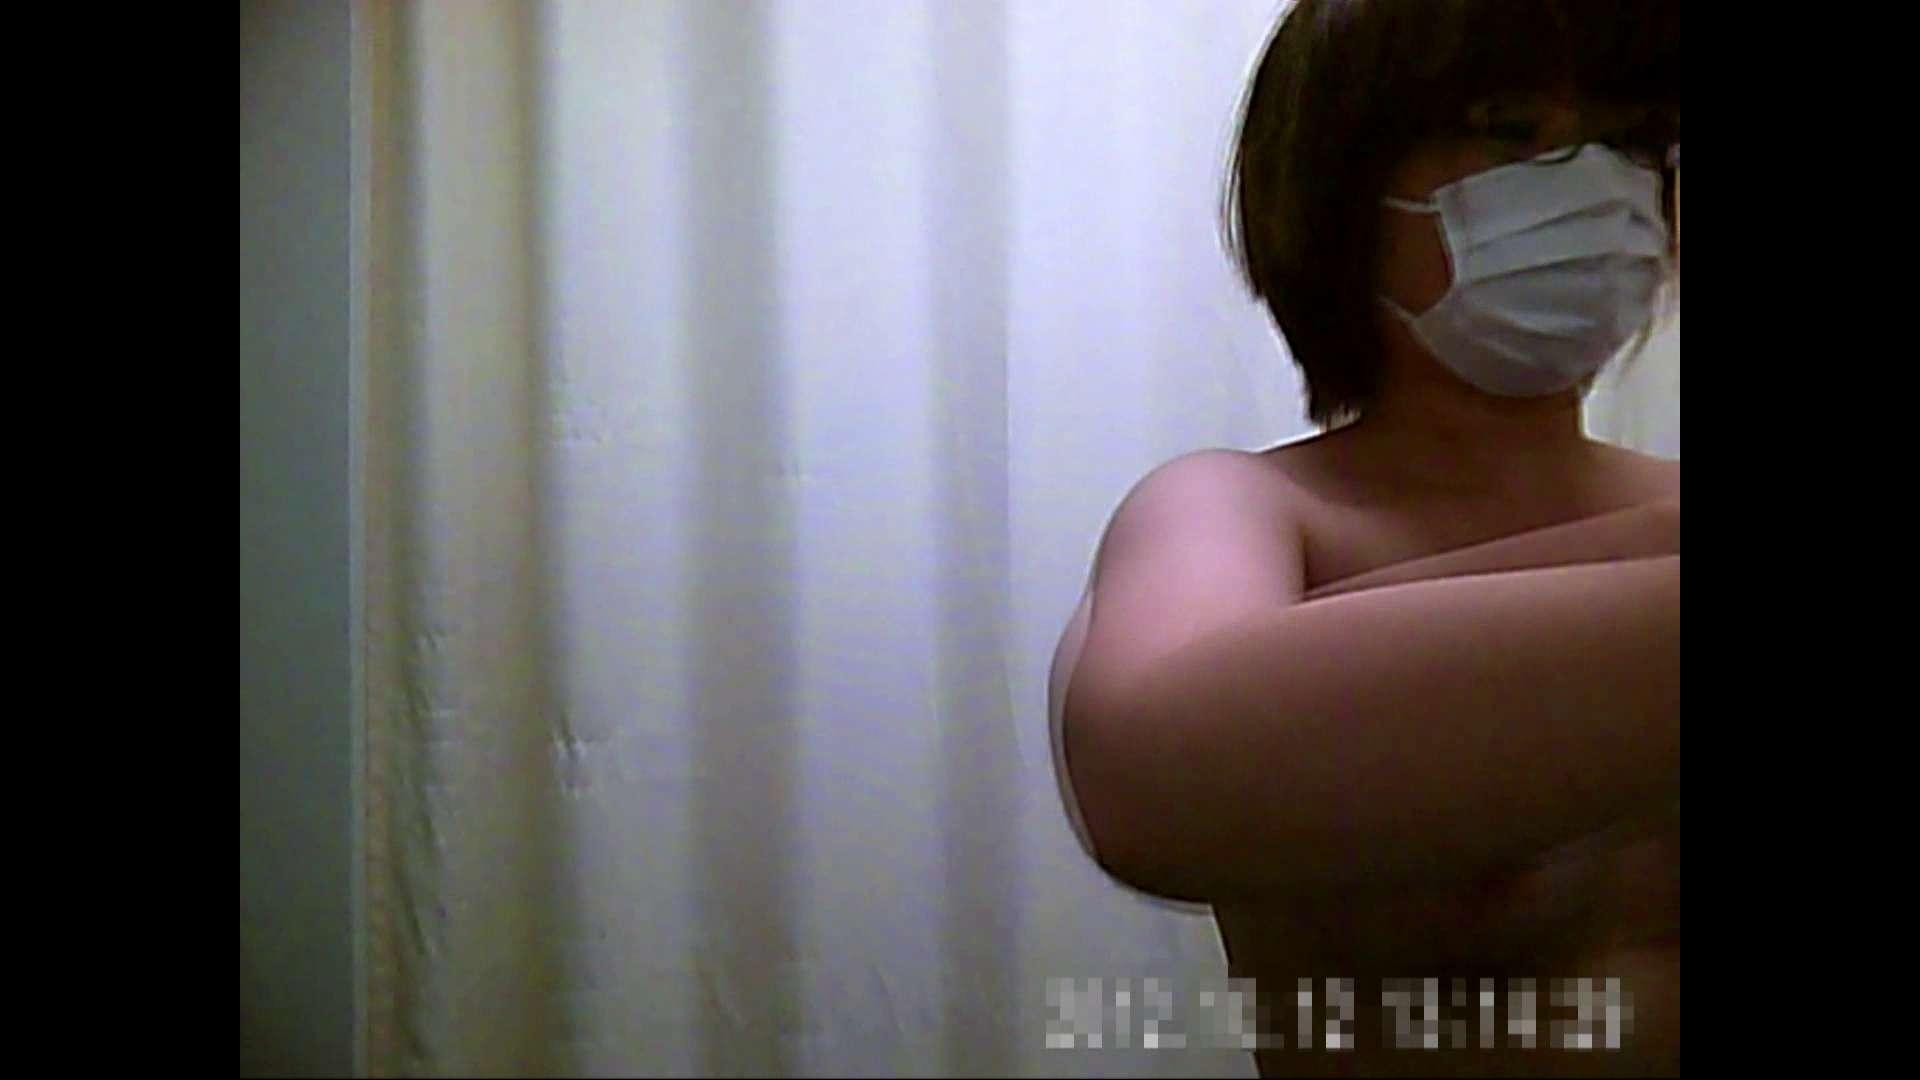 元医者による反抗 更衣室地獄絵巻 vol.061 OLハメ撮り  91Pix 69